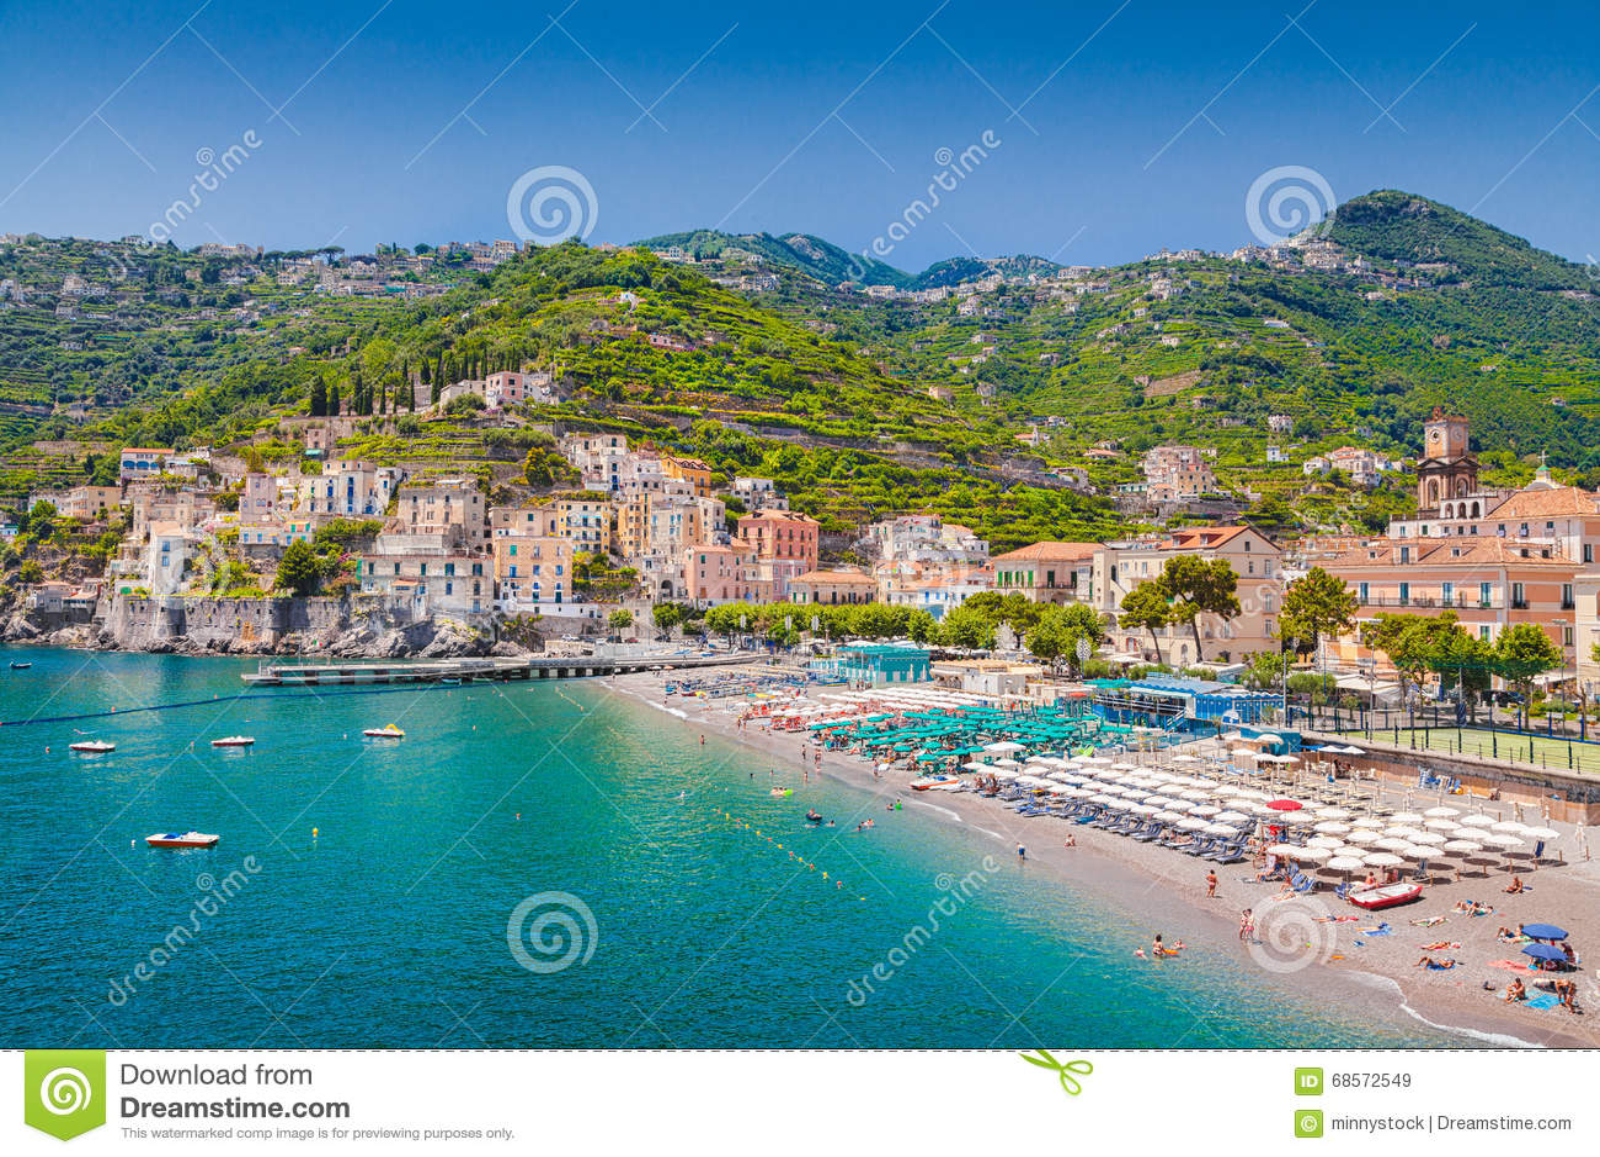 Vykortsikt av Minori, Amalfi kust, Campania, Italien